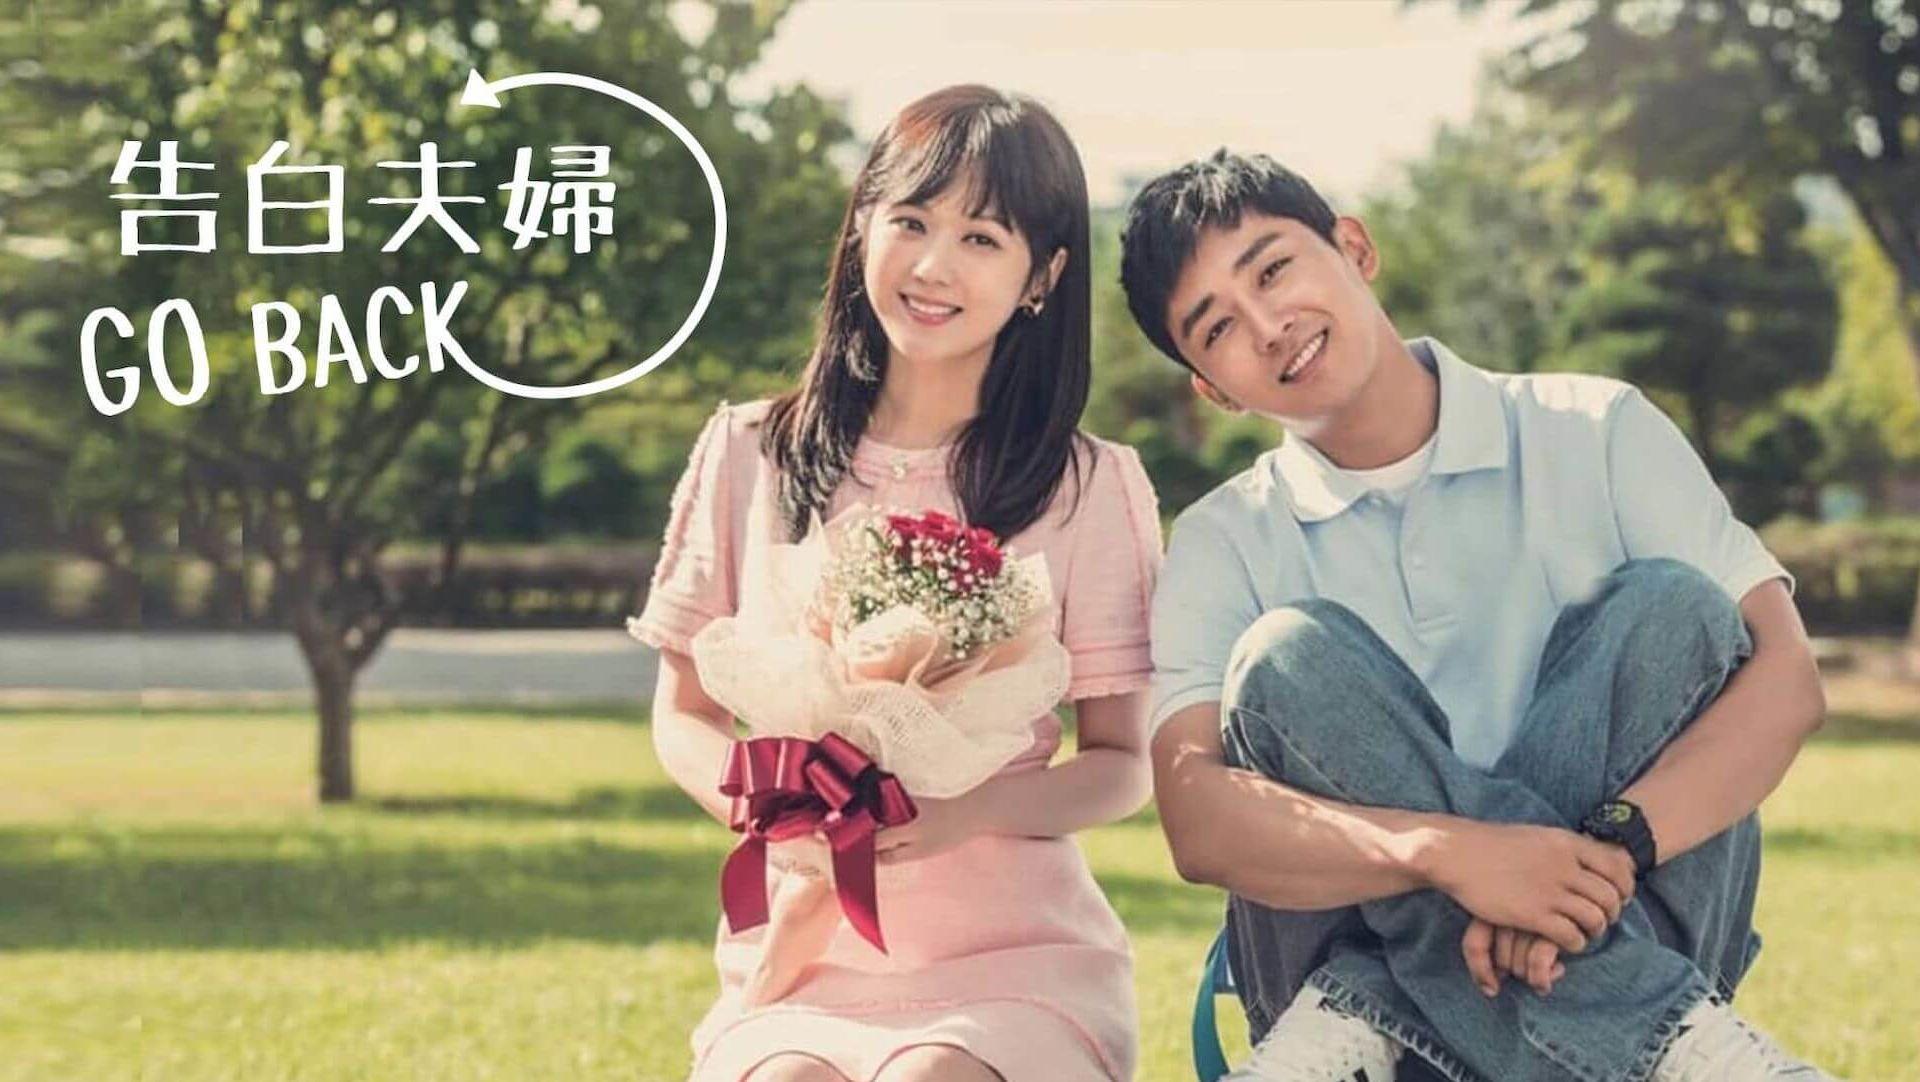 告白夫婦,離婚後穿越回到大學重遇彼此並且重新相愛